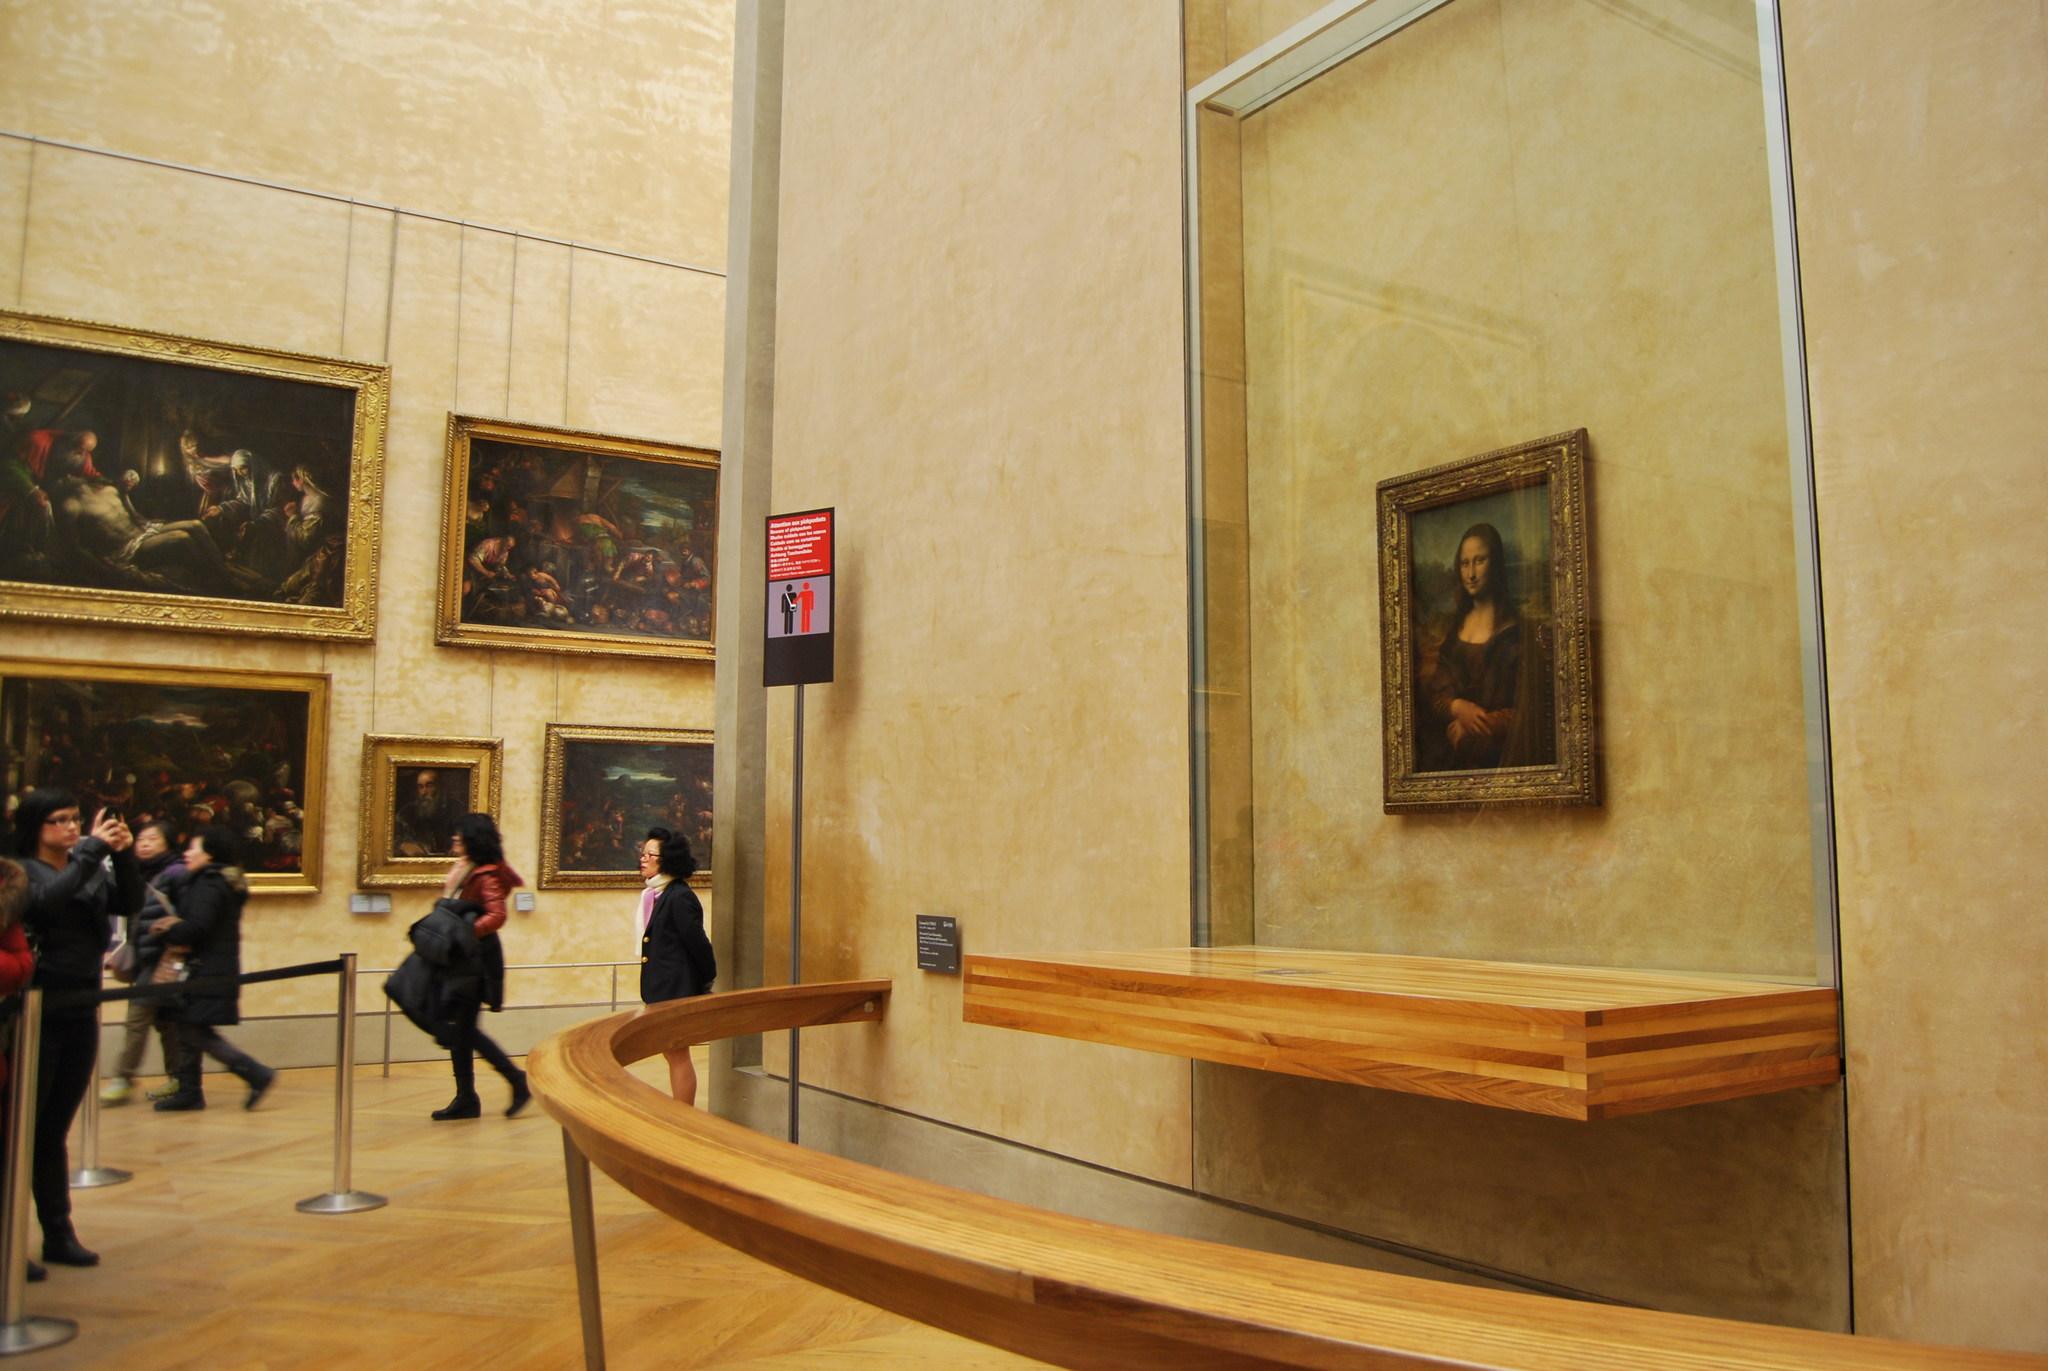 Quadro da Mona Lisa em exibição no Museu do Louvre de Paris